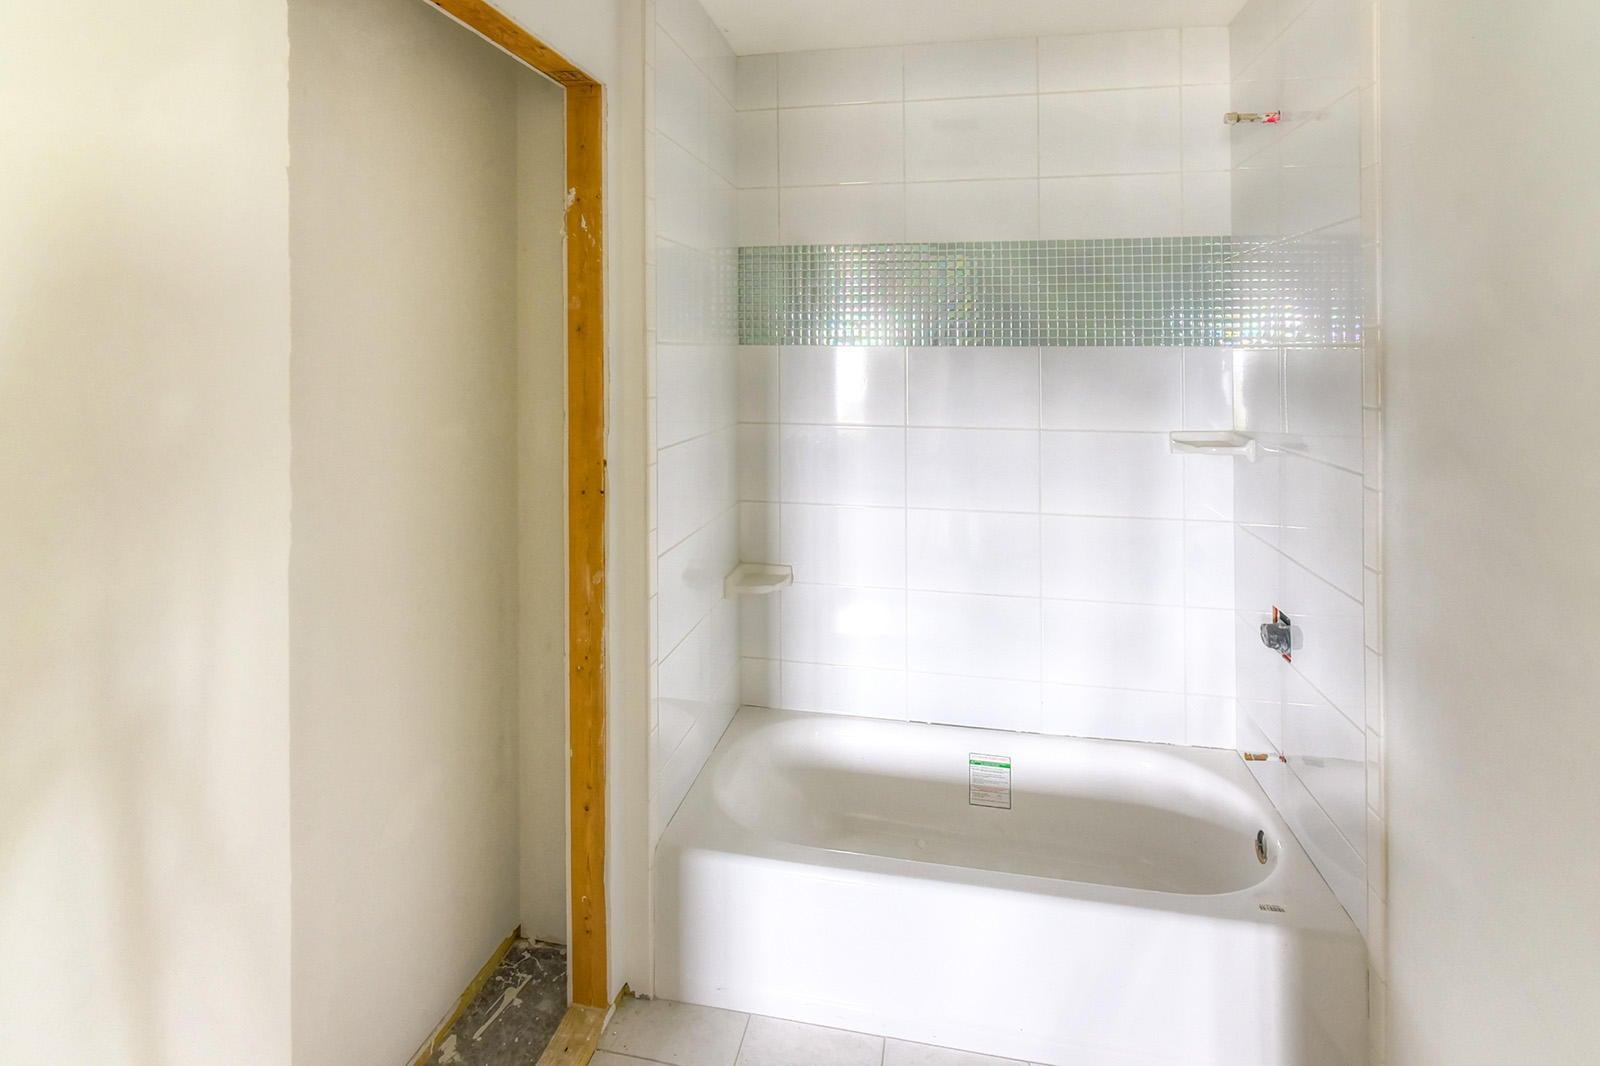 35 - Down - Bedrm4 Bath